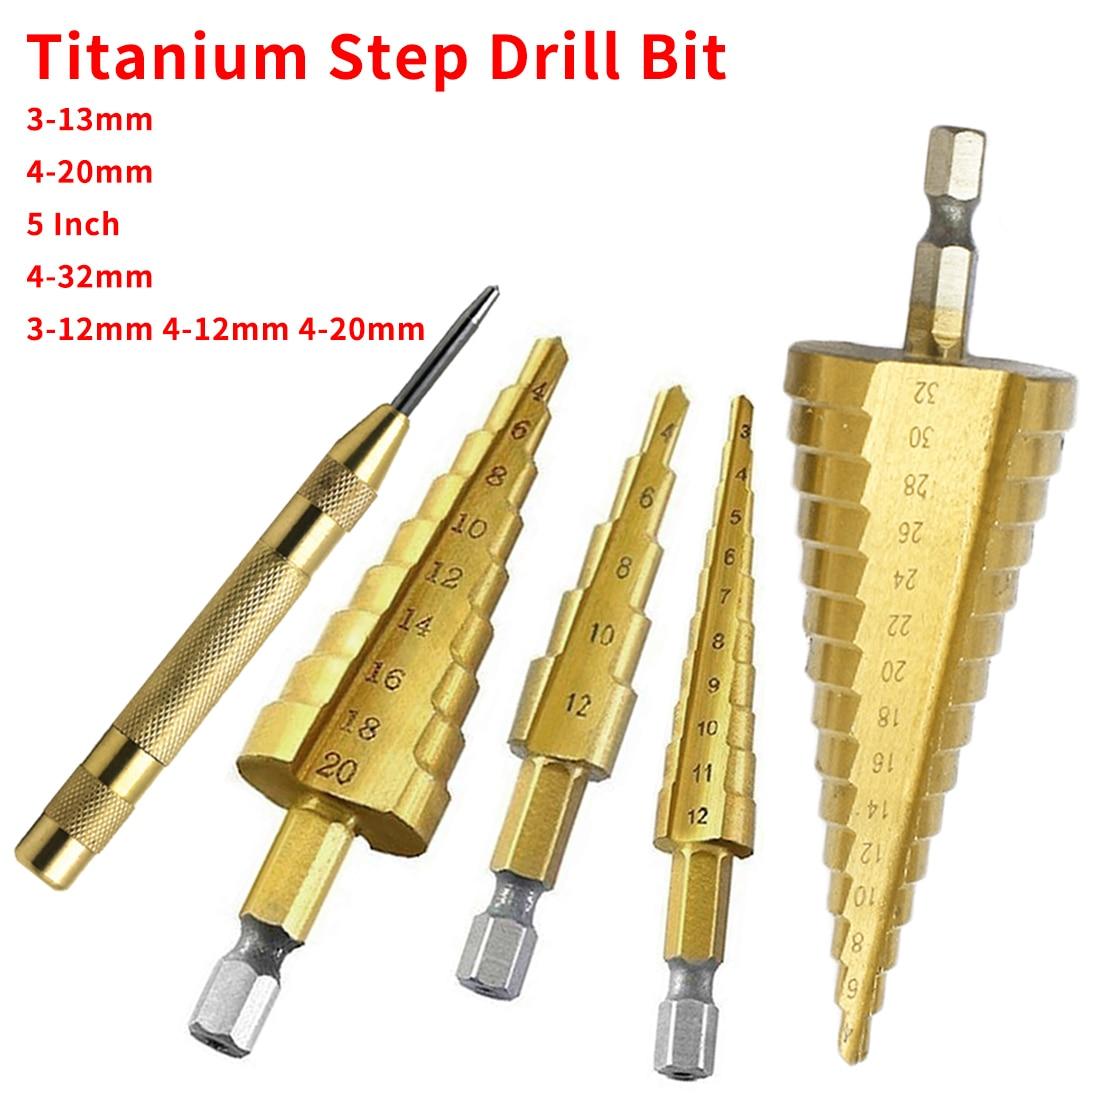 Broca de titanio de paso de acero HSS 3-12mm 4-12mm 4-20mm herramientas de corte cónico de paso juego de brocas de Metal para madera de carpintería